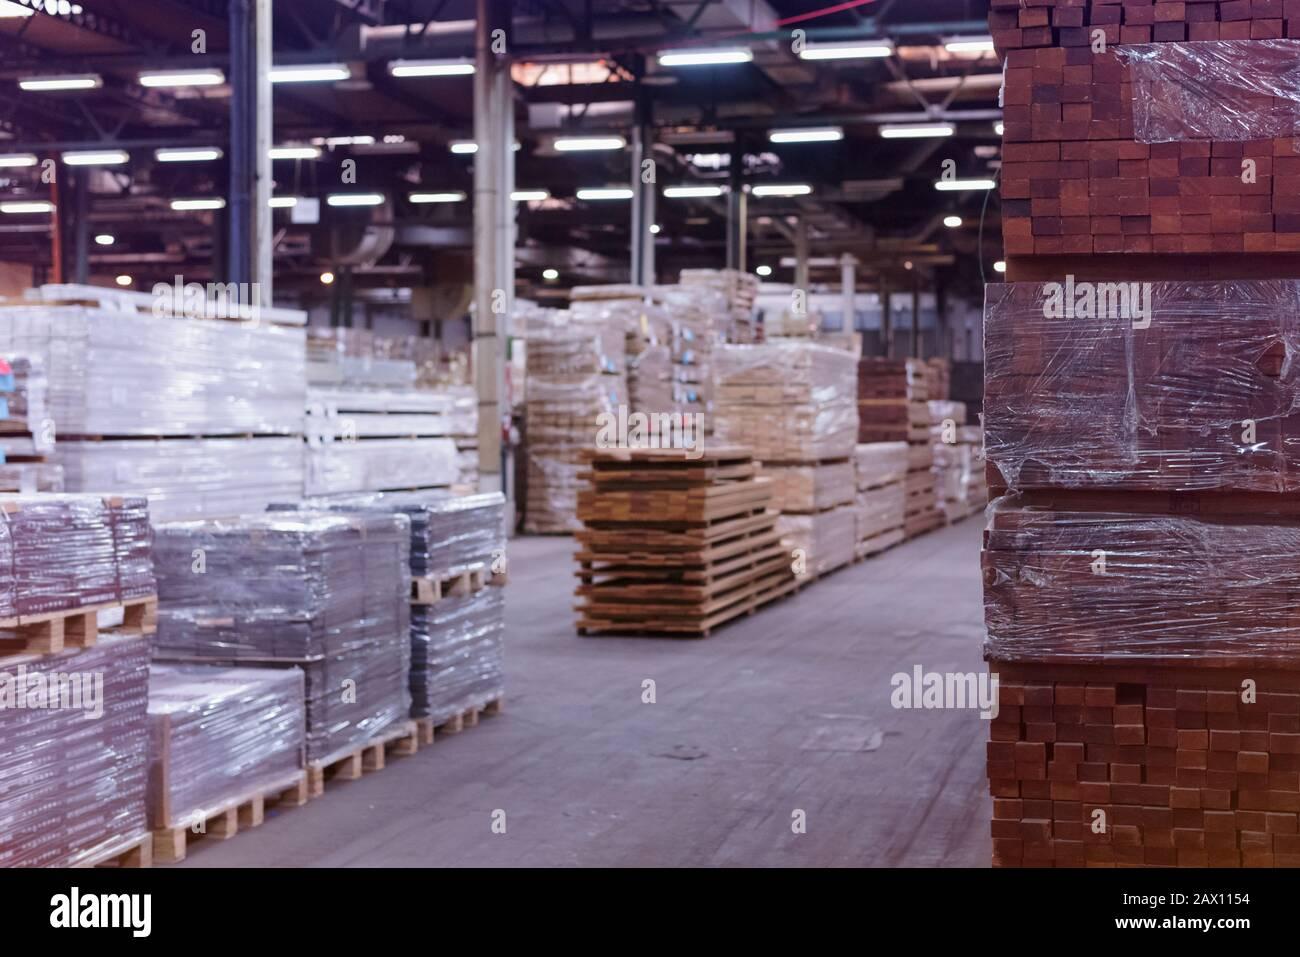 Usine de bois. Tas de bois coupé en usine entrepôt de stockage. En Bois d'entrepôt. Banque D'Images